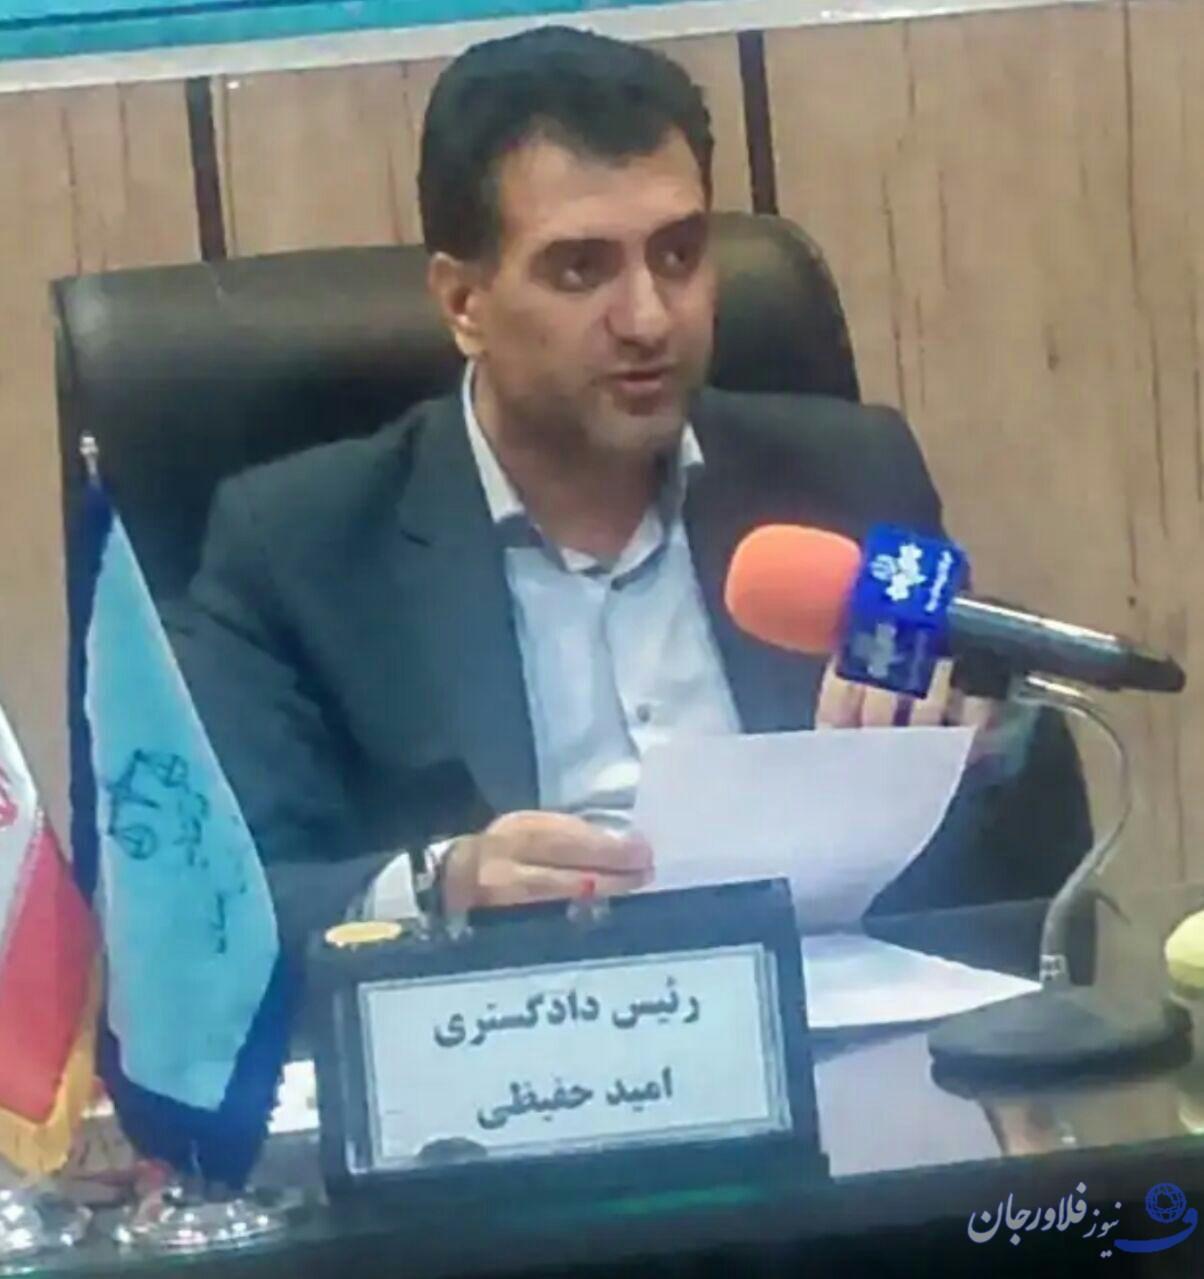 رییس دادگستری شهرستان فلاورجان: «رفع تصرف از ۲۰۱ هکتار از اراضی ملی فلاورجان»